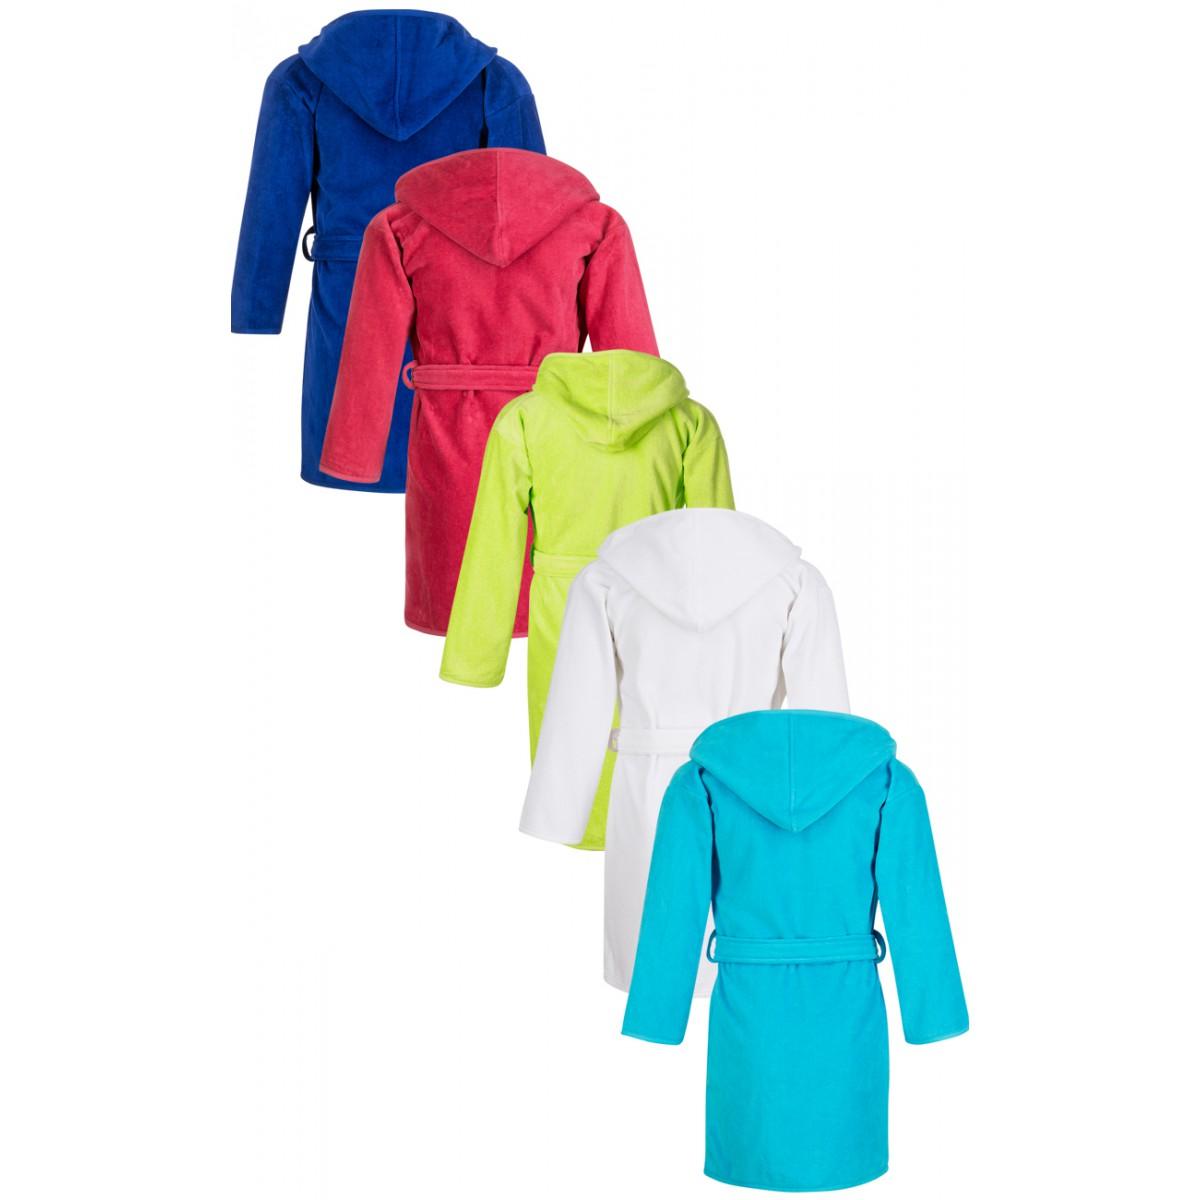 Gepersonaliseerde kinderbadjas